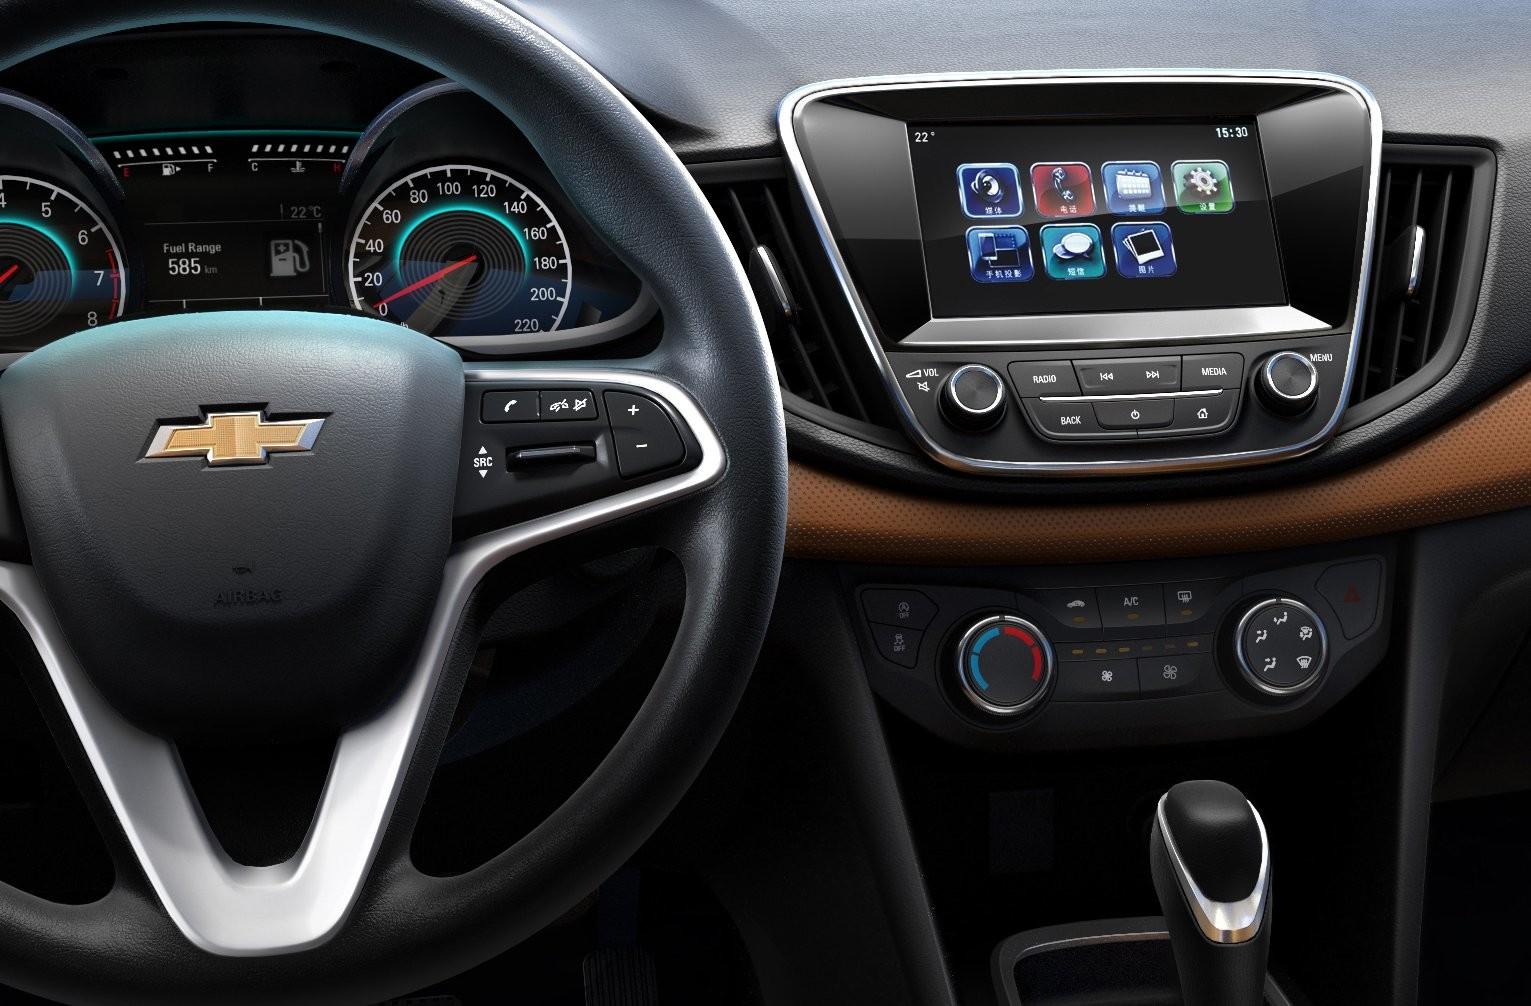 Foto de Chevrolet Cavalier 2018 (13/14)